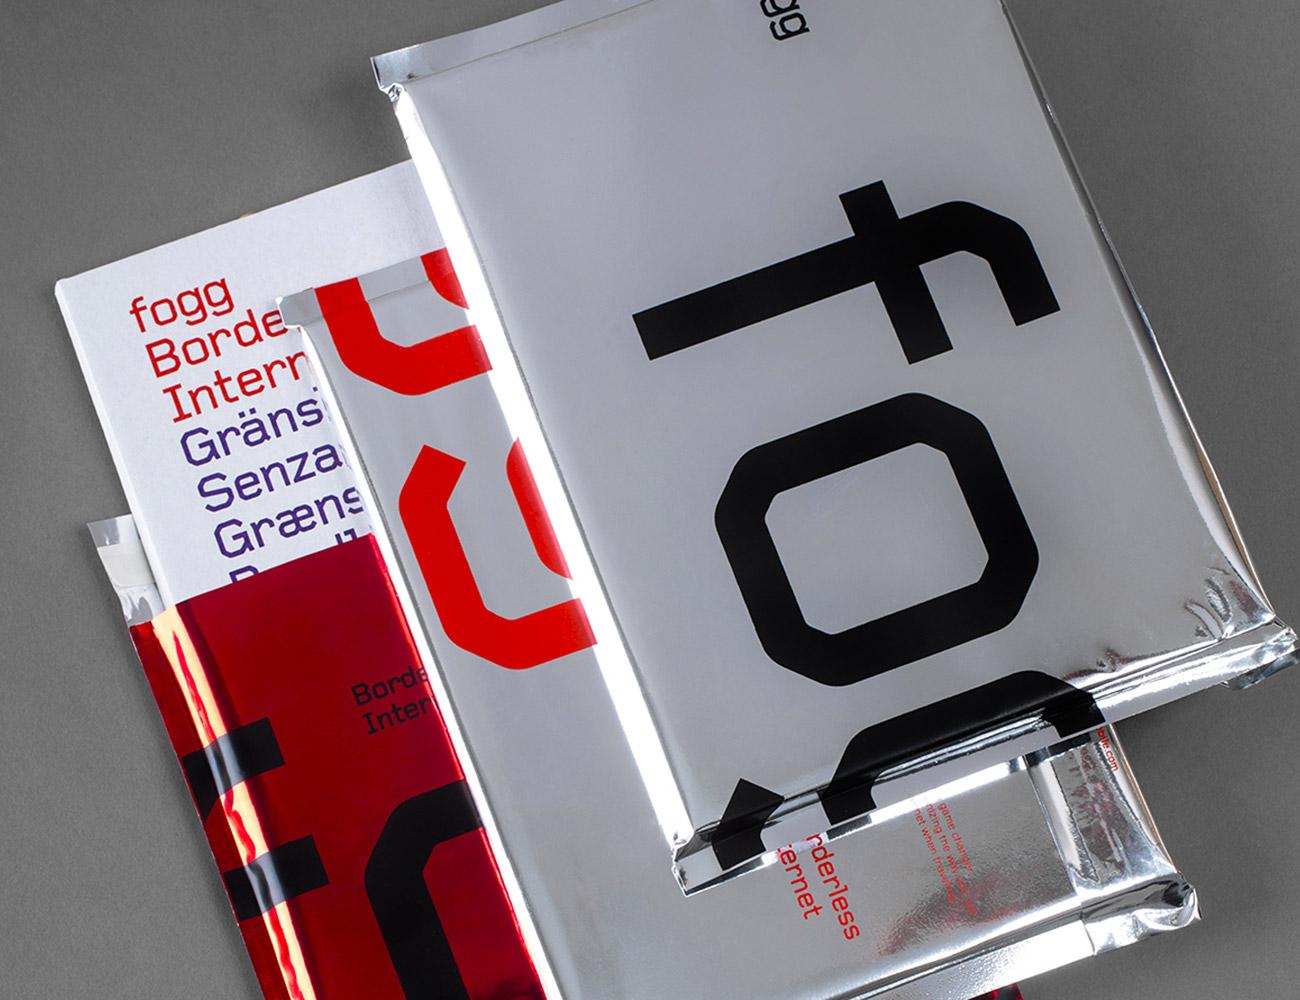 Branding for Swedish telecoms enterprise Fogg